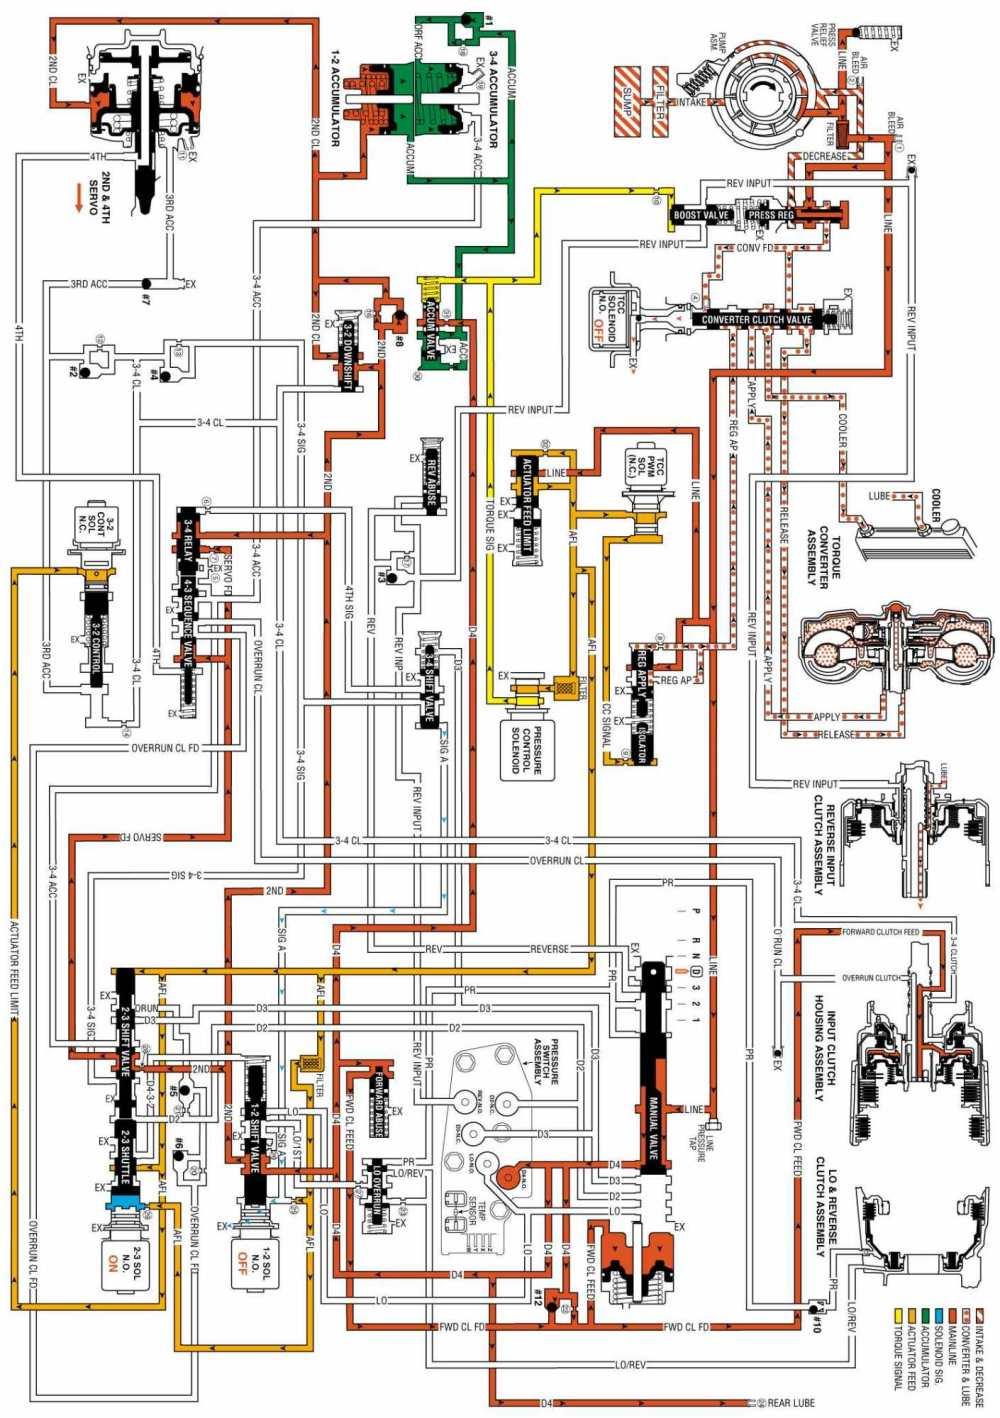 medium resolution of 4l60e 700r4 things i ve learned 2013 02 08 172028 110618095 jpg